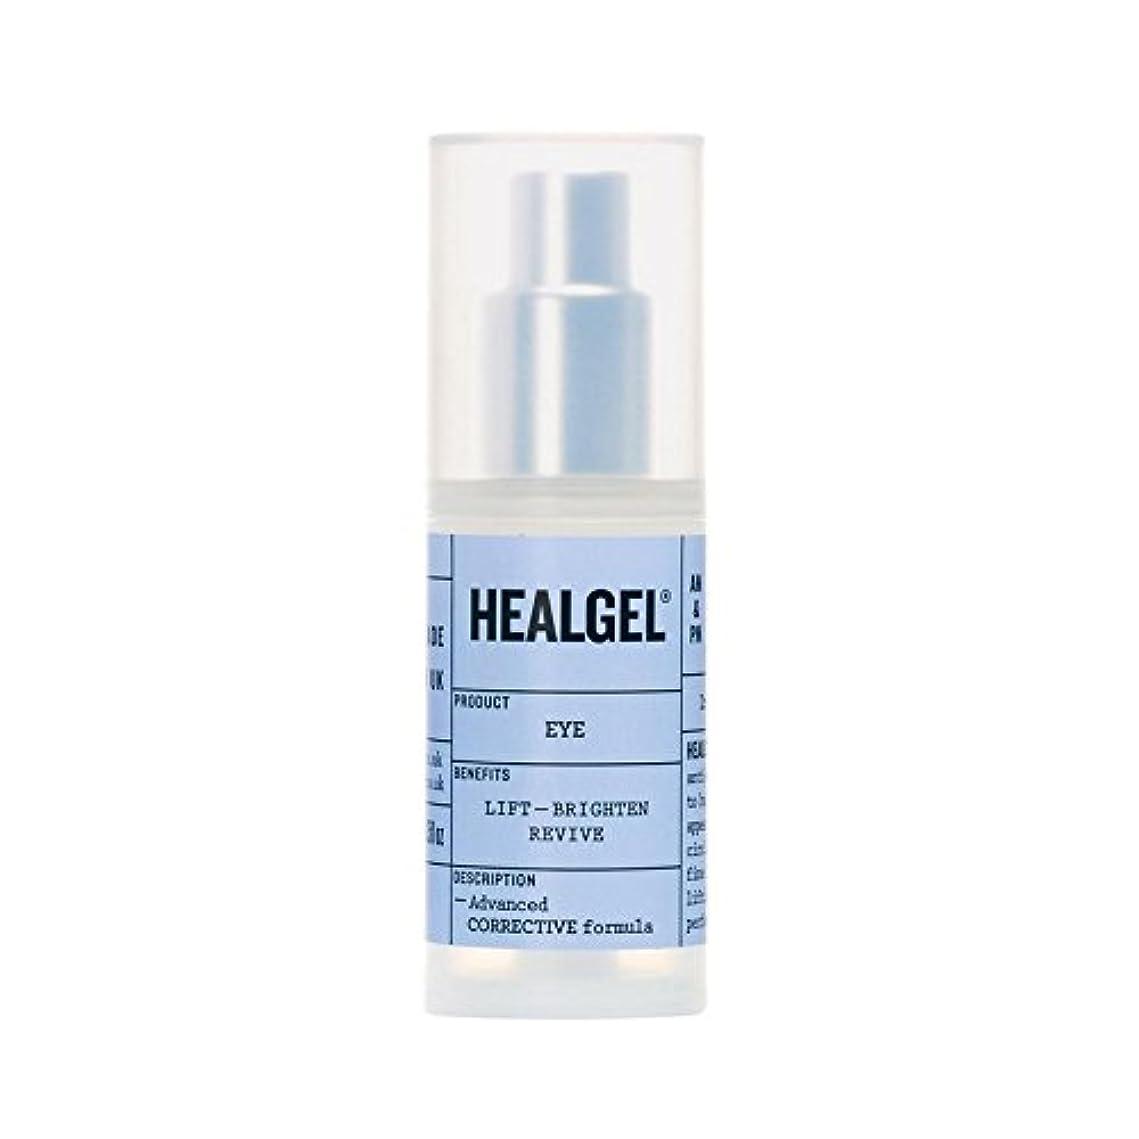 飢えやむを得ない調和ゲル白眼式15ミリリットルを癒します x4 - Heal Gel Brightening Eye Formula 15ml (Pack of 4) [並行輸入品]